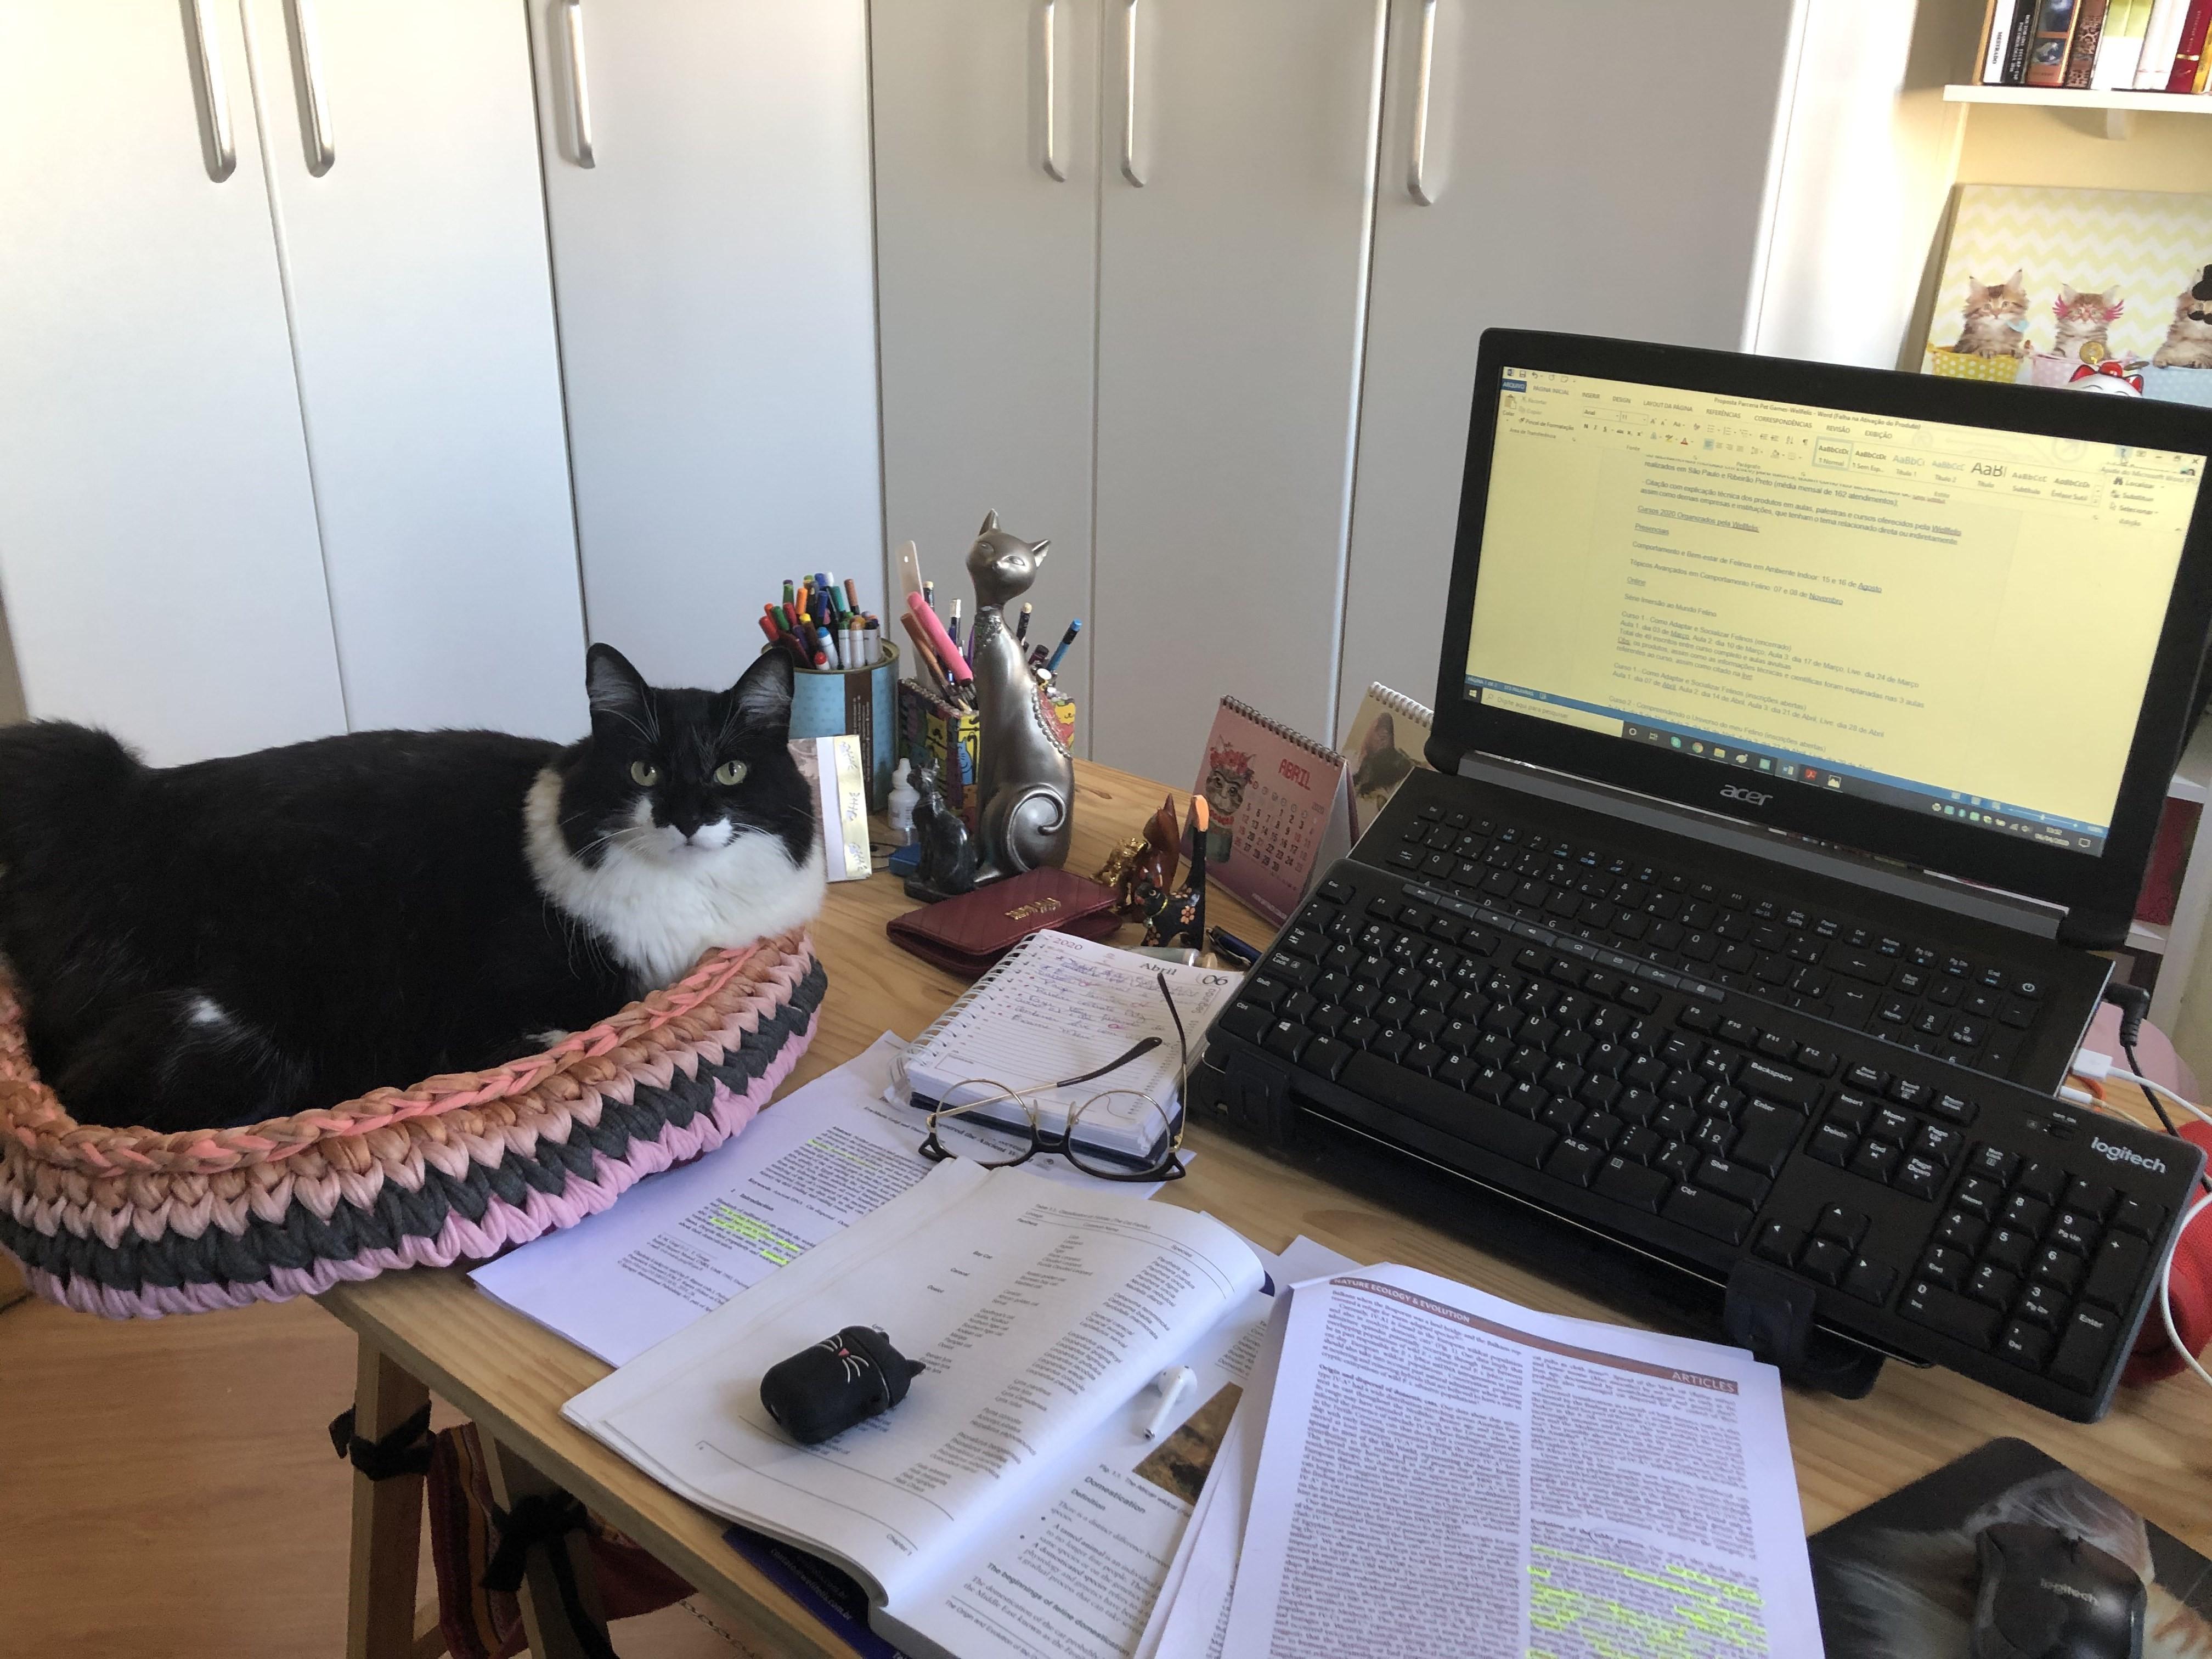 Gatos na quarentena: mudança na rotina da casa pode deixar animais estressados